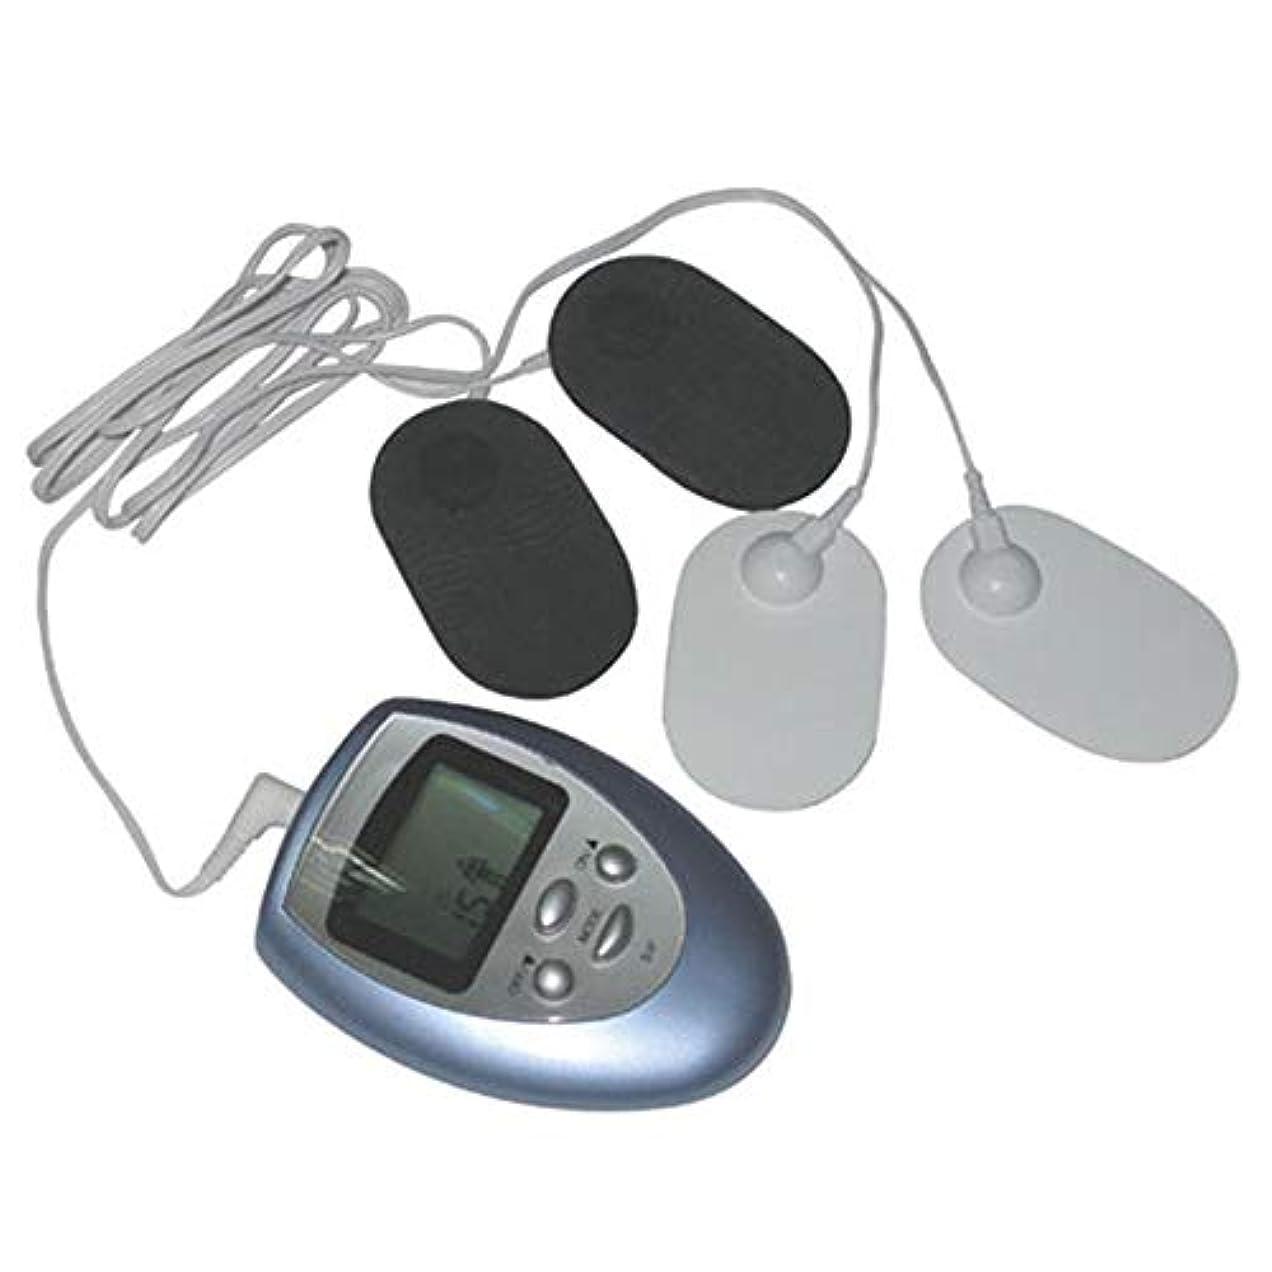 ポータブル電気刺激装置、パルスマッサージャーマッスルスティミュレーター4個のパッドを備えたユニット8個の痛みを軽減するためのモードブルー